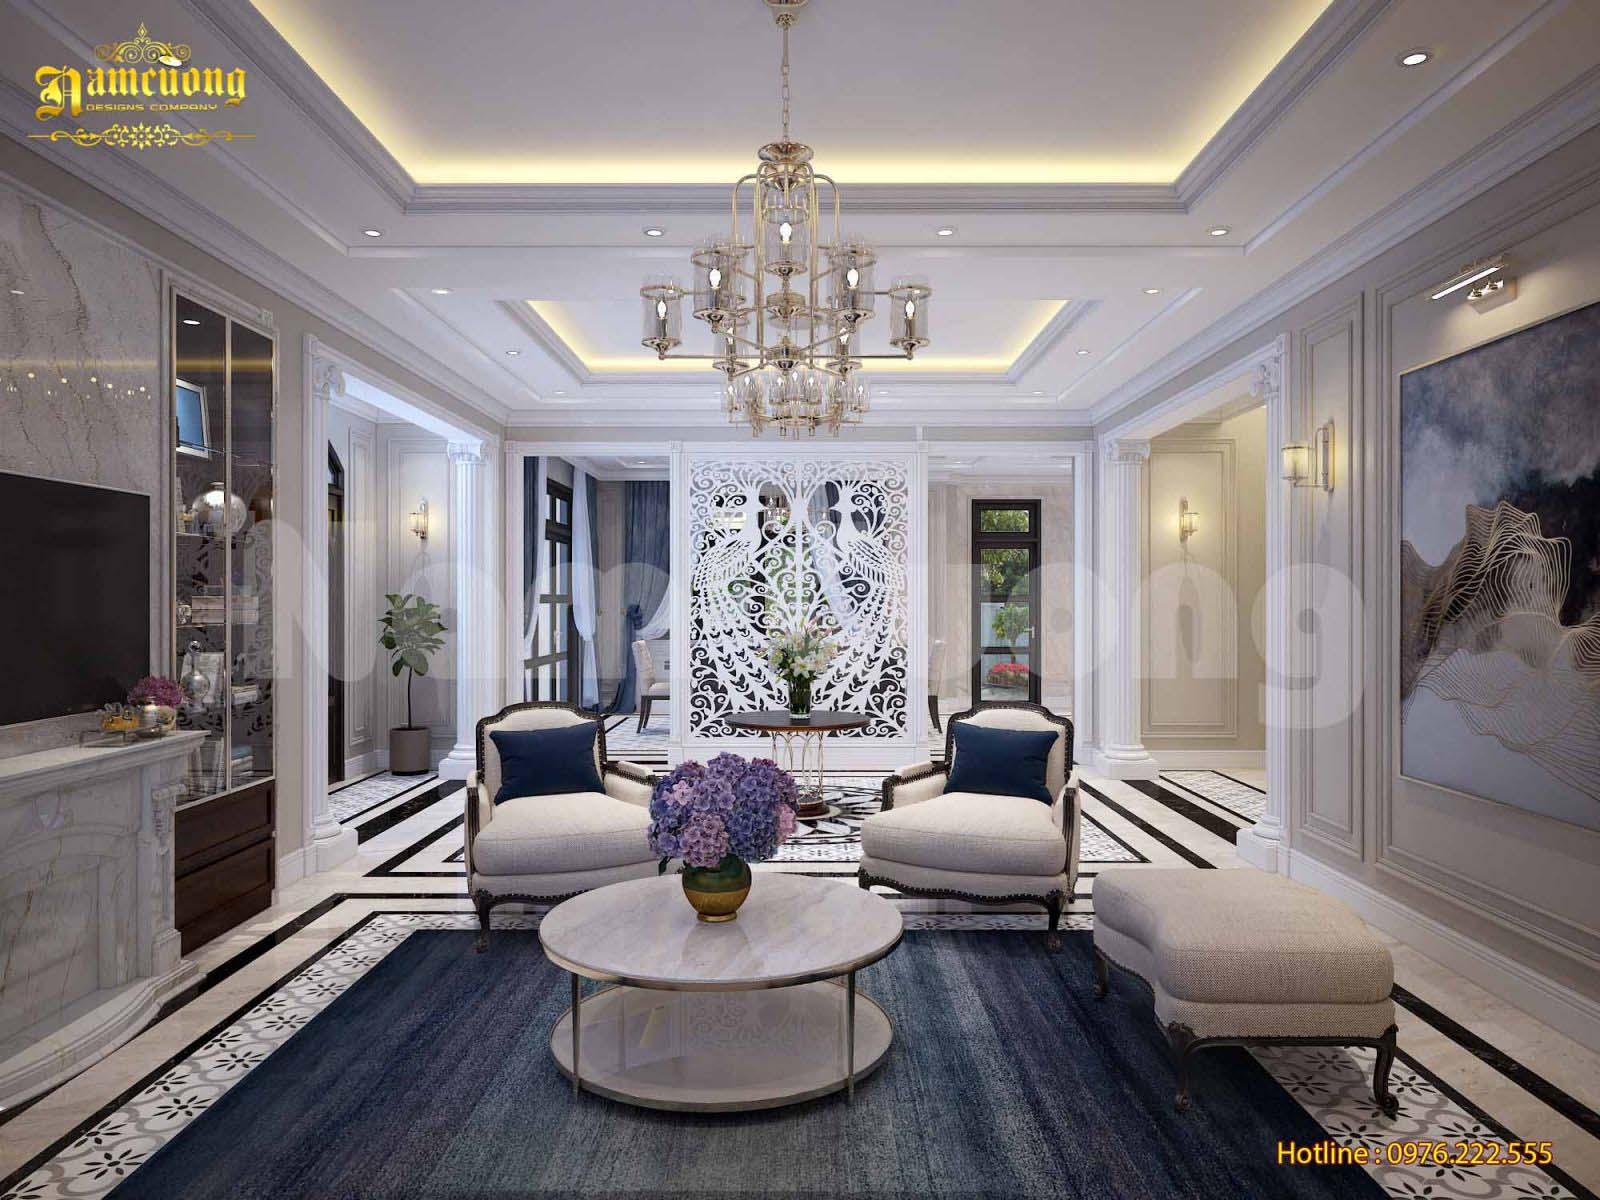 Thiết kế nội thất biệt thự phong cách tân cổ điển tại Vinhomes